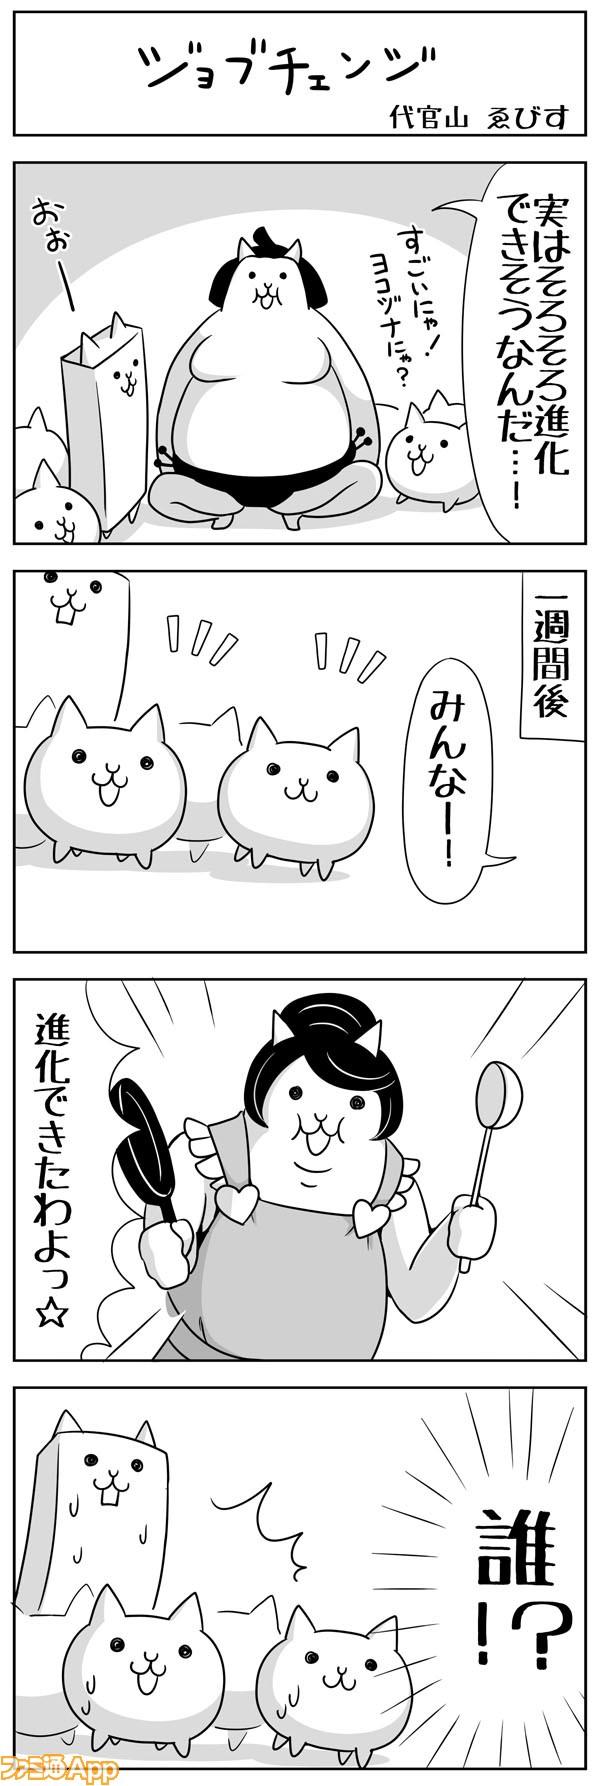 01daik_074